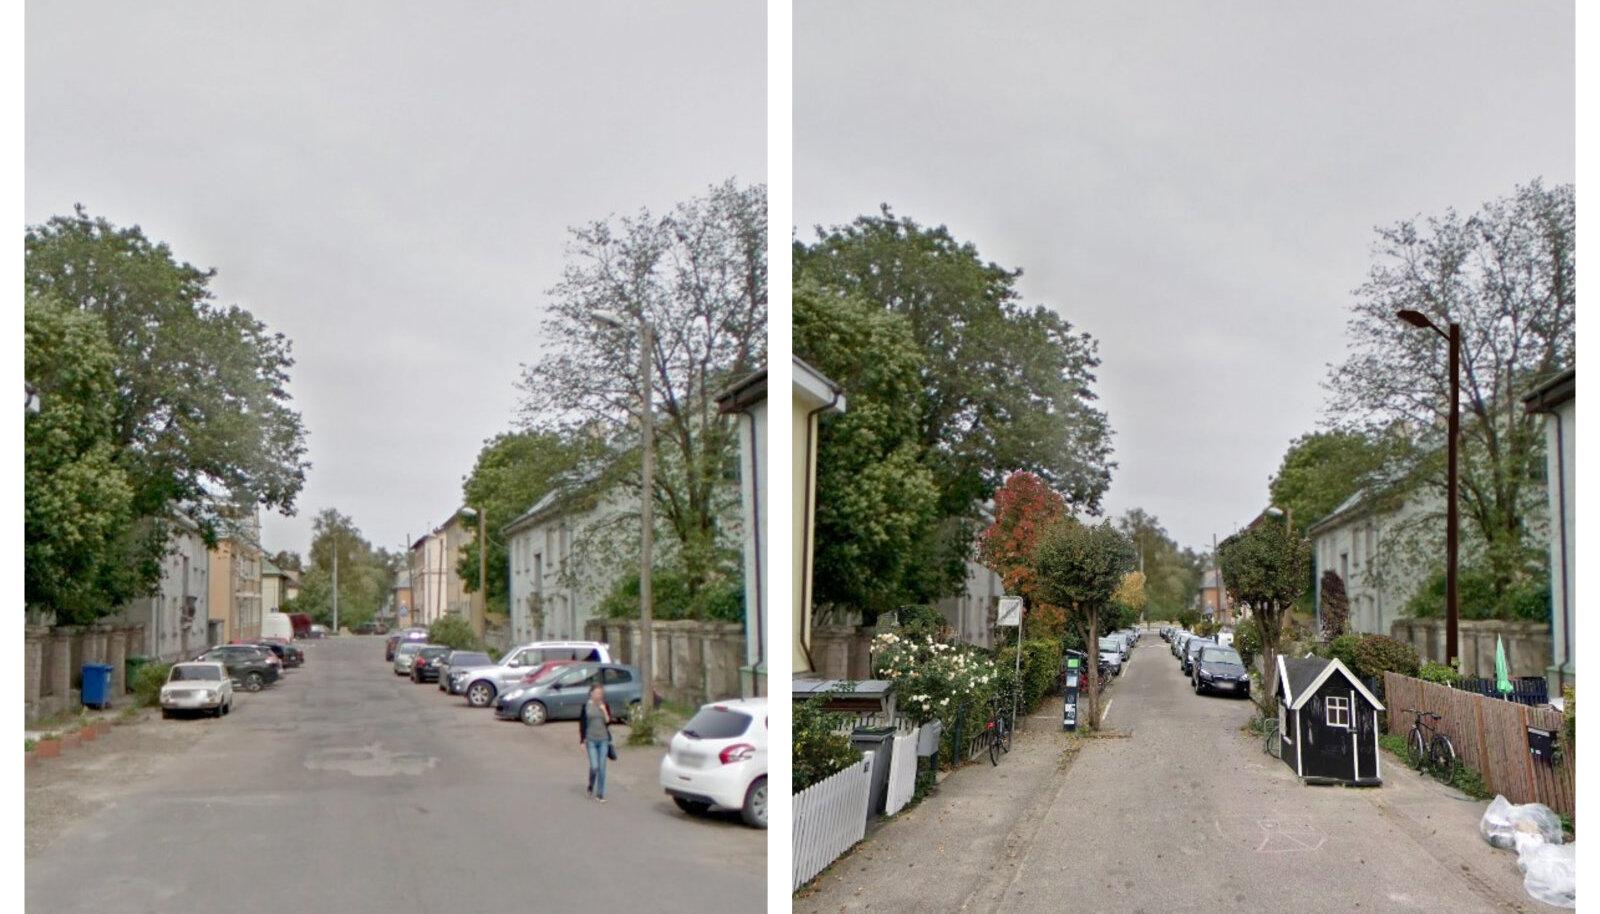 """PRAEGU. Tuulemäe tee Majaka asumis Lasnamäe alguses. """"Sümpaatne rahulik ja meeldivate hoonetega piirkond, välja arvatud, et kogu tänavaruum on olematu,"""" kirjutab mitte_tallinn. SOOVITUS. """"Variant Kopenhaageni südalinnast sarnaselt tänavalt võetud lahendusega. Rahulik ja rohelust täis elukeskkond. Mida rohkemat vaja on?"""" kirjutab mitte_tallinn."""